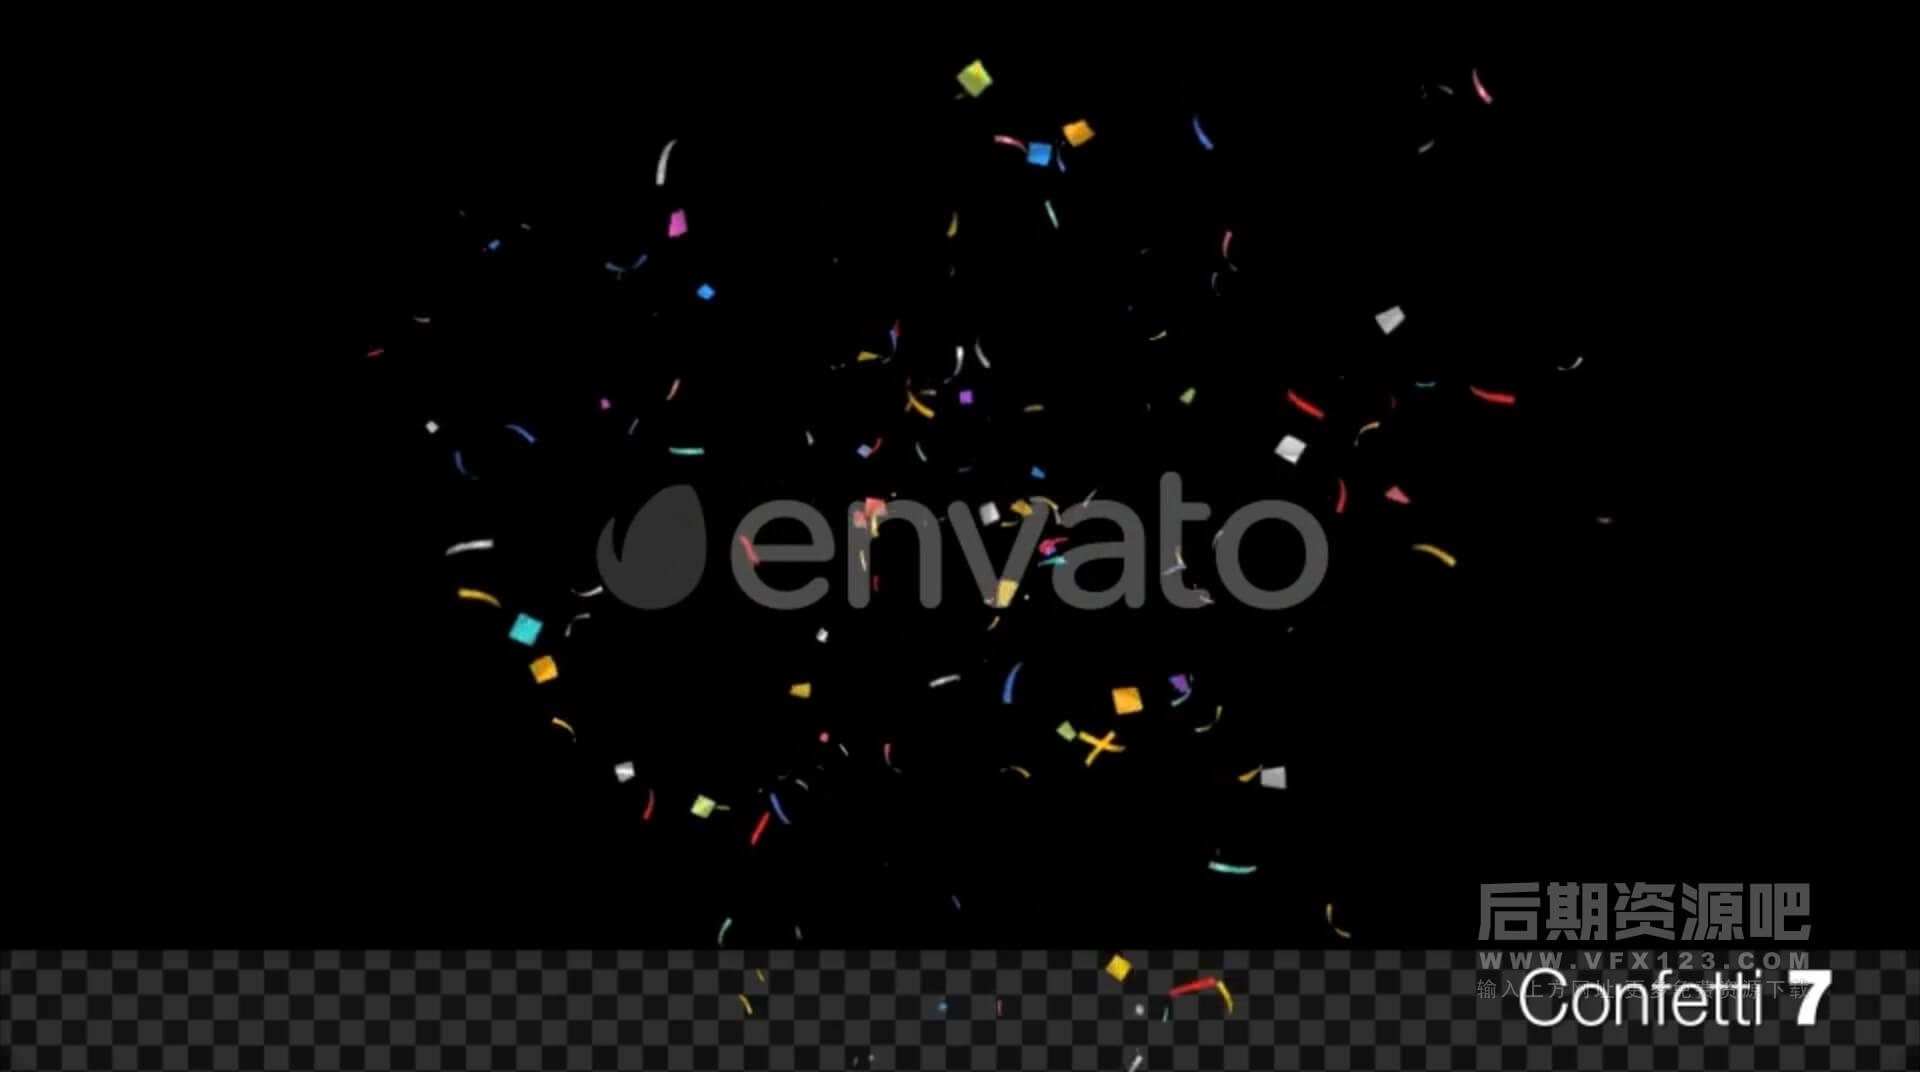 视频素材 33个庆祝礼花纸屑爆炸飞散 促销活动包装 带通道 Celebration Confetti